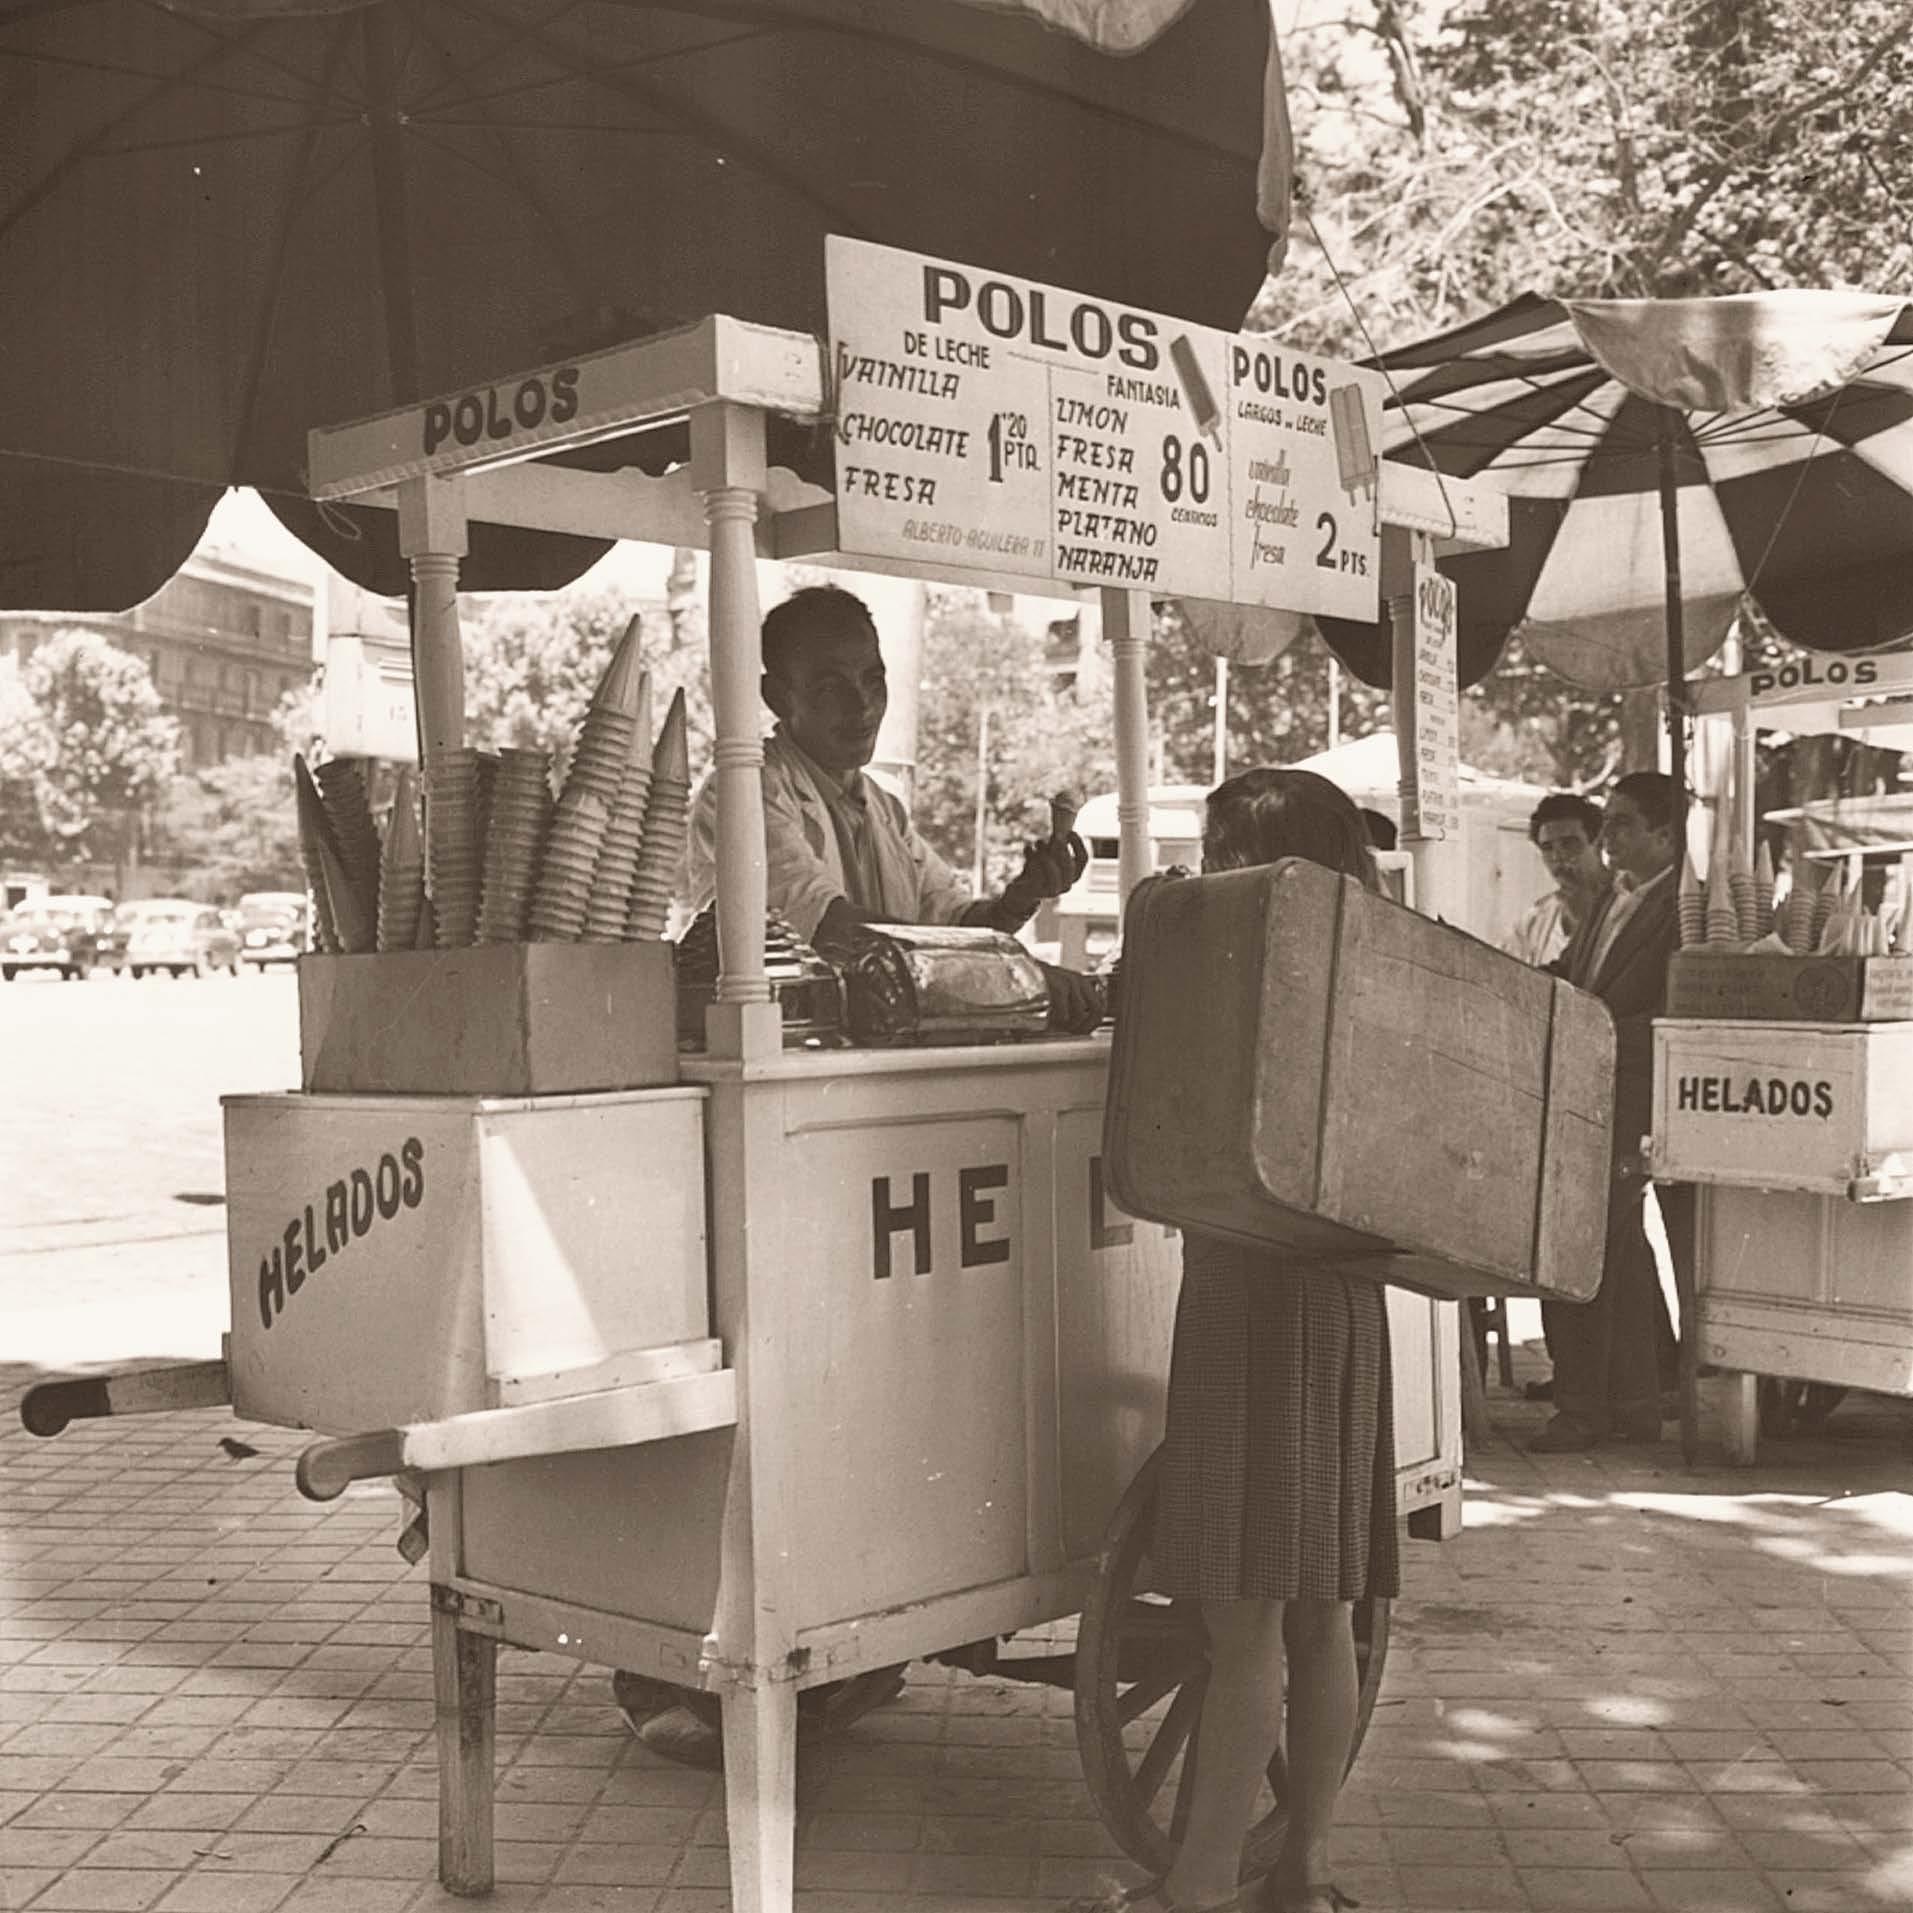 La foto de la semana: Carrito de Helados (1959)